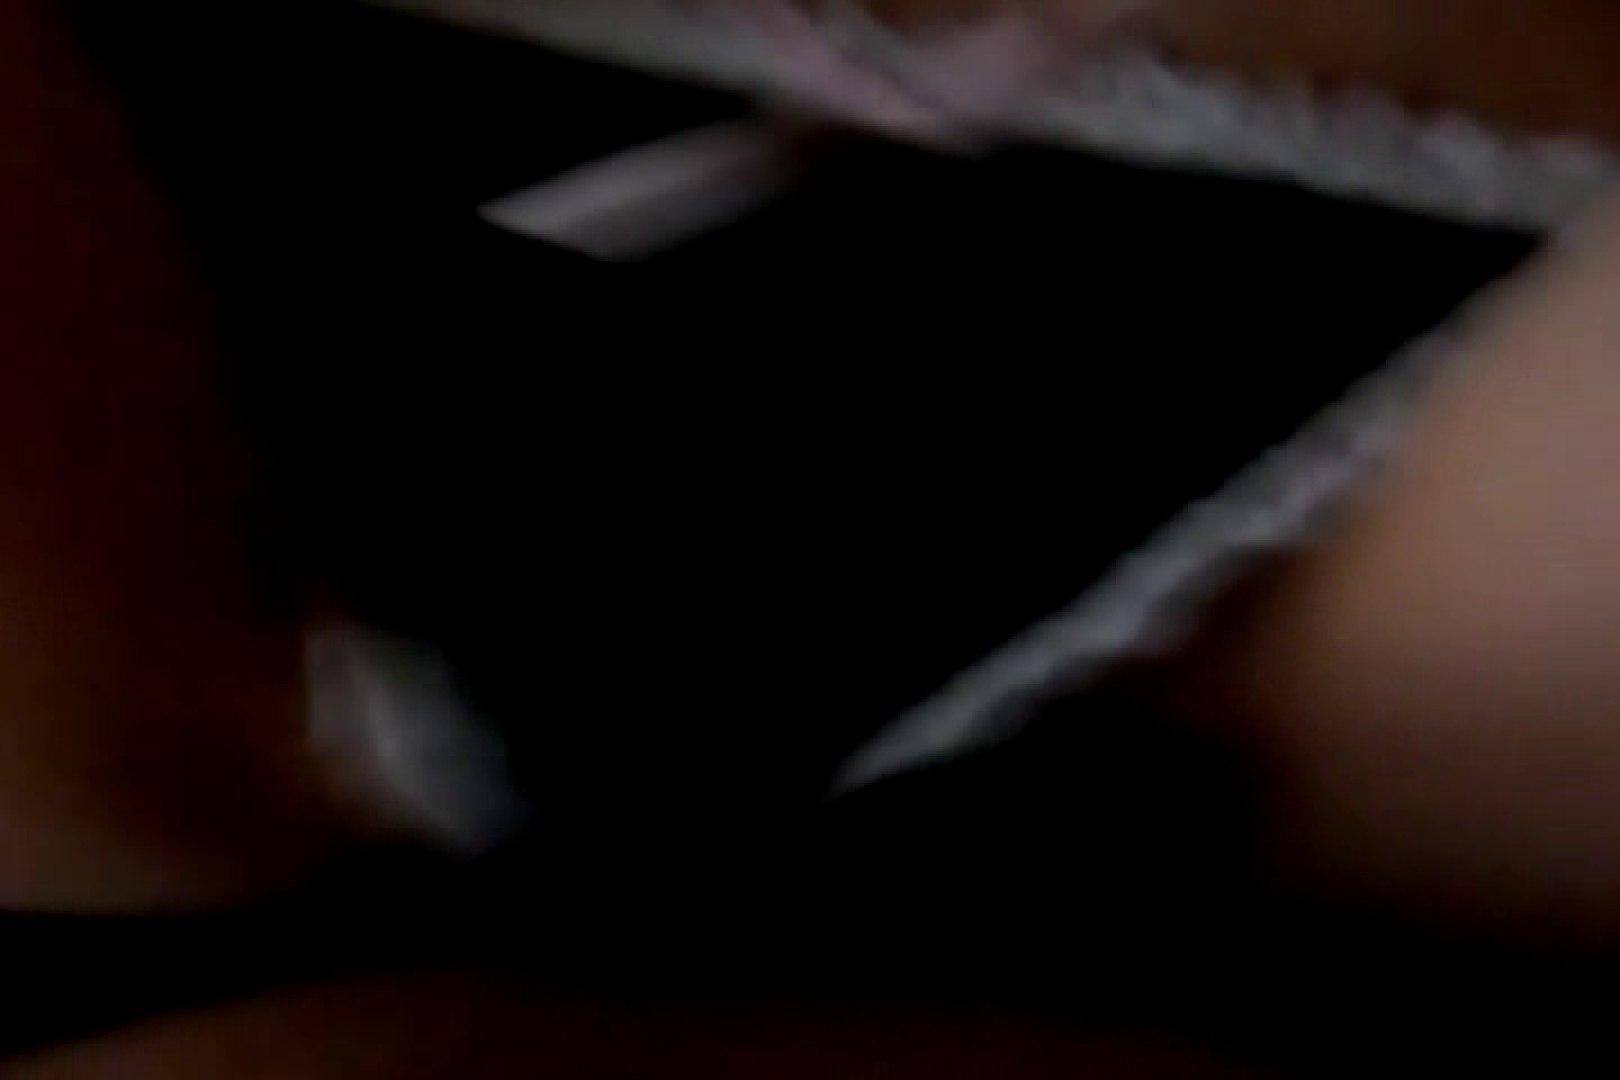 ウイルス流出 レオ&マンコのアルバム プライベート | マンコ  74画像 69